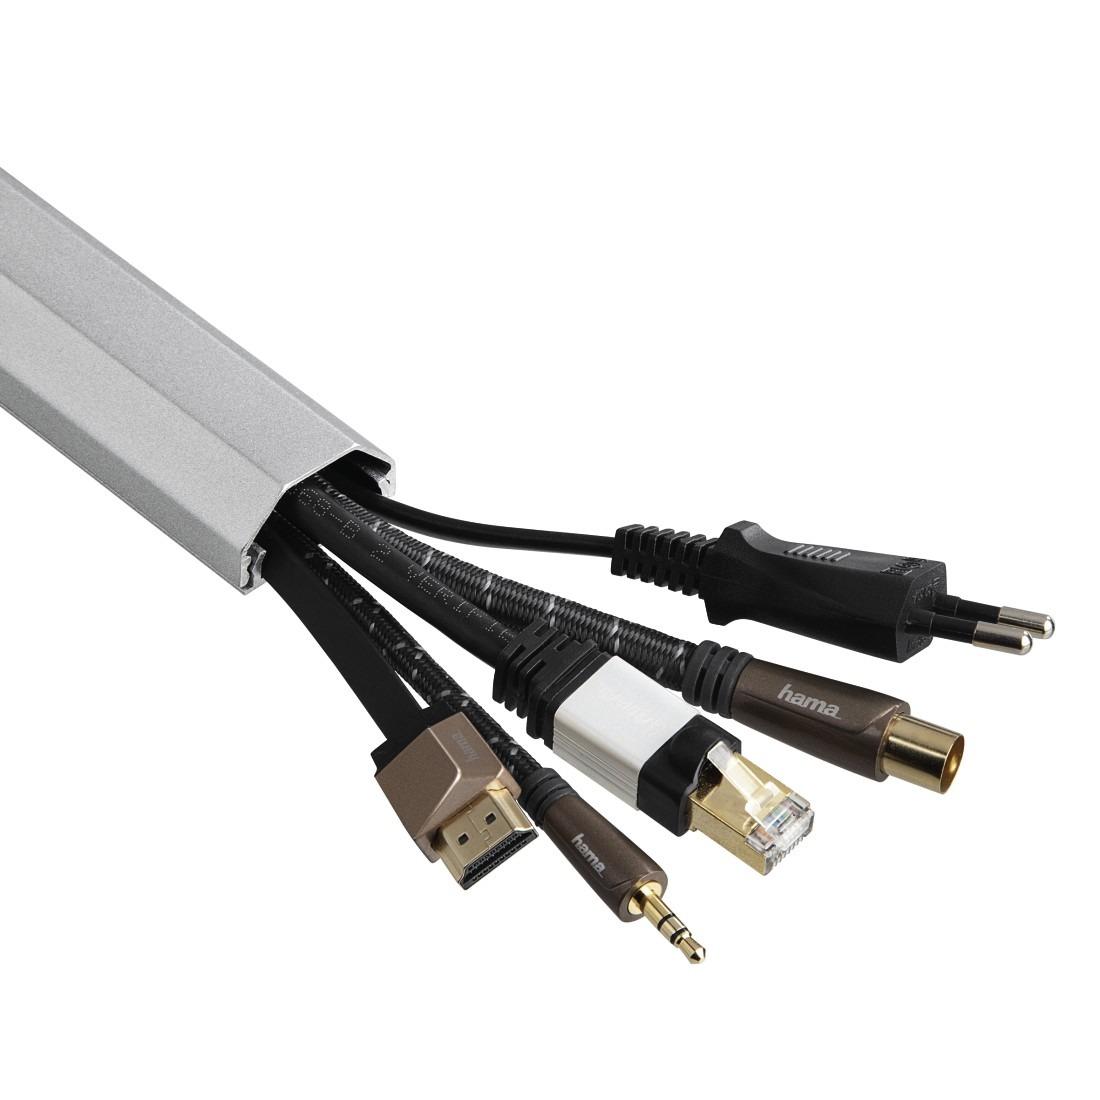 Hama tv accessoire Kabelgoot hoekig aluminium 1.1 meter zilver